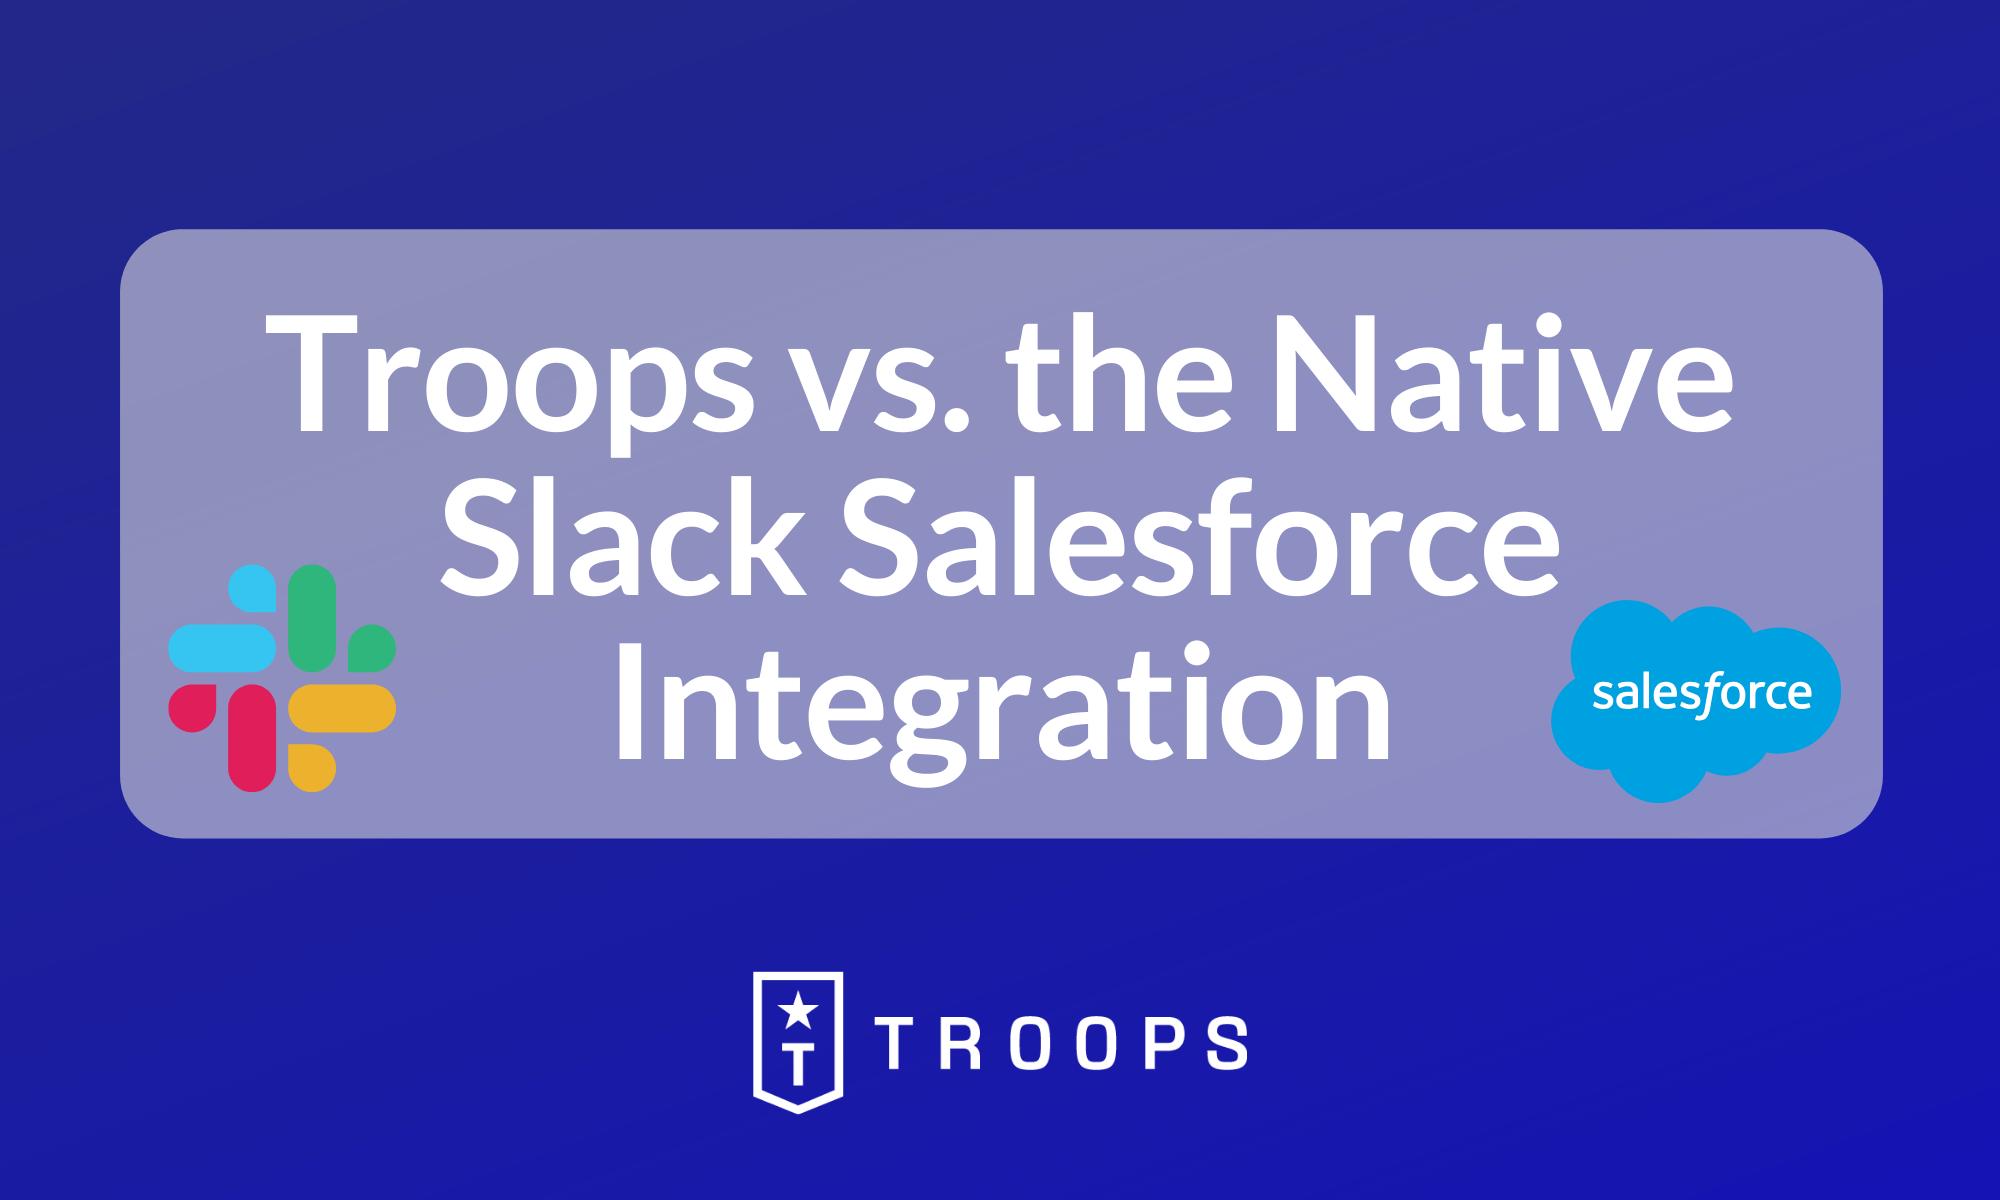 Troops vs. the Native Slack Salesforce Integration